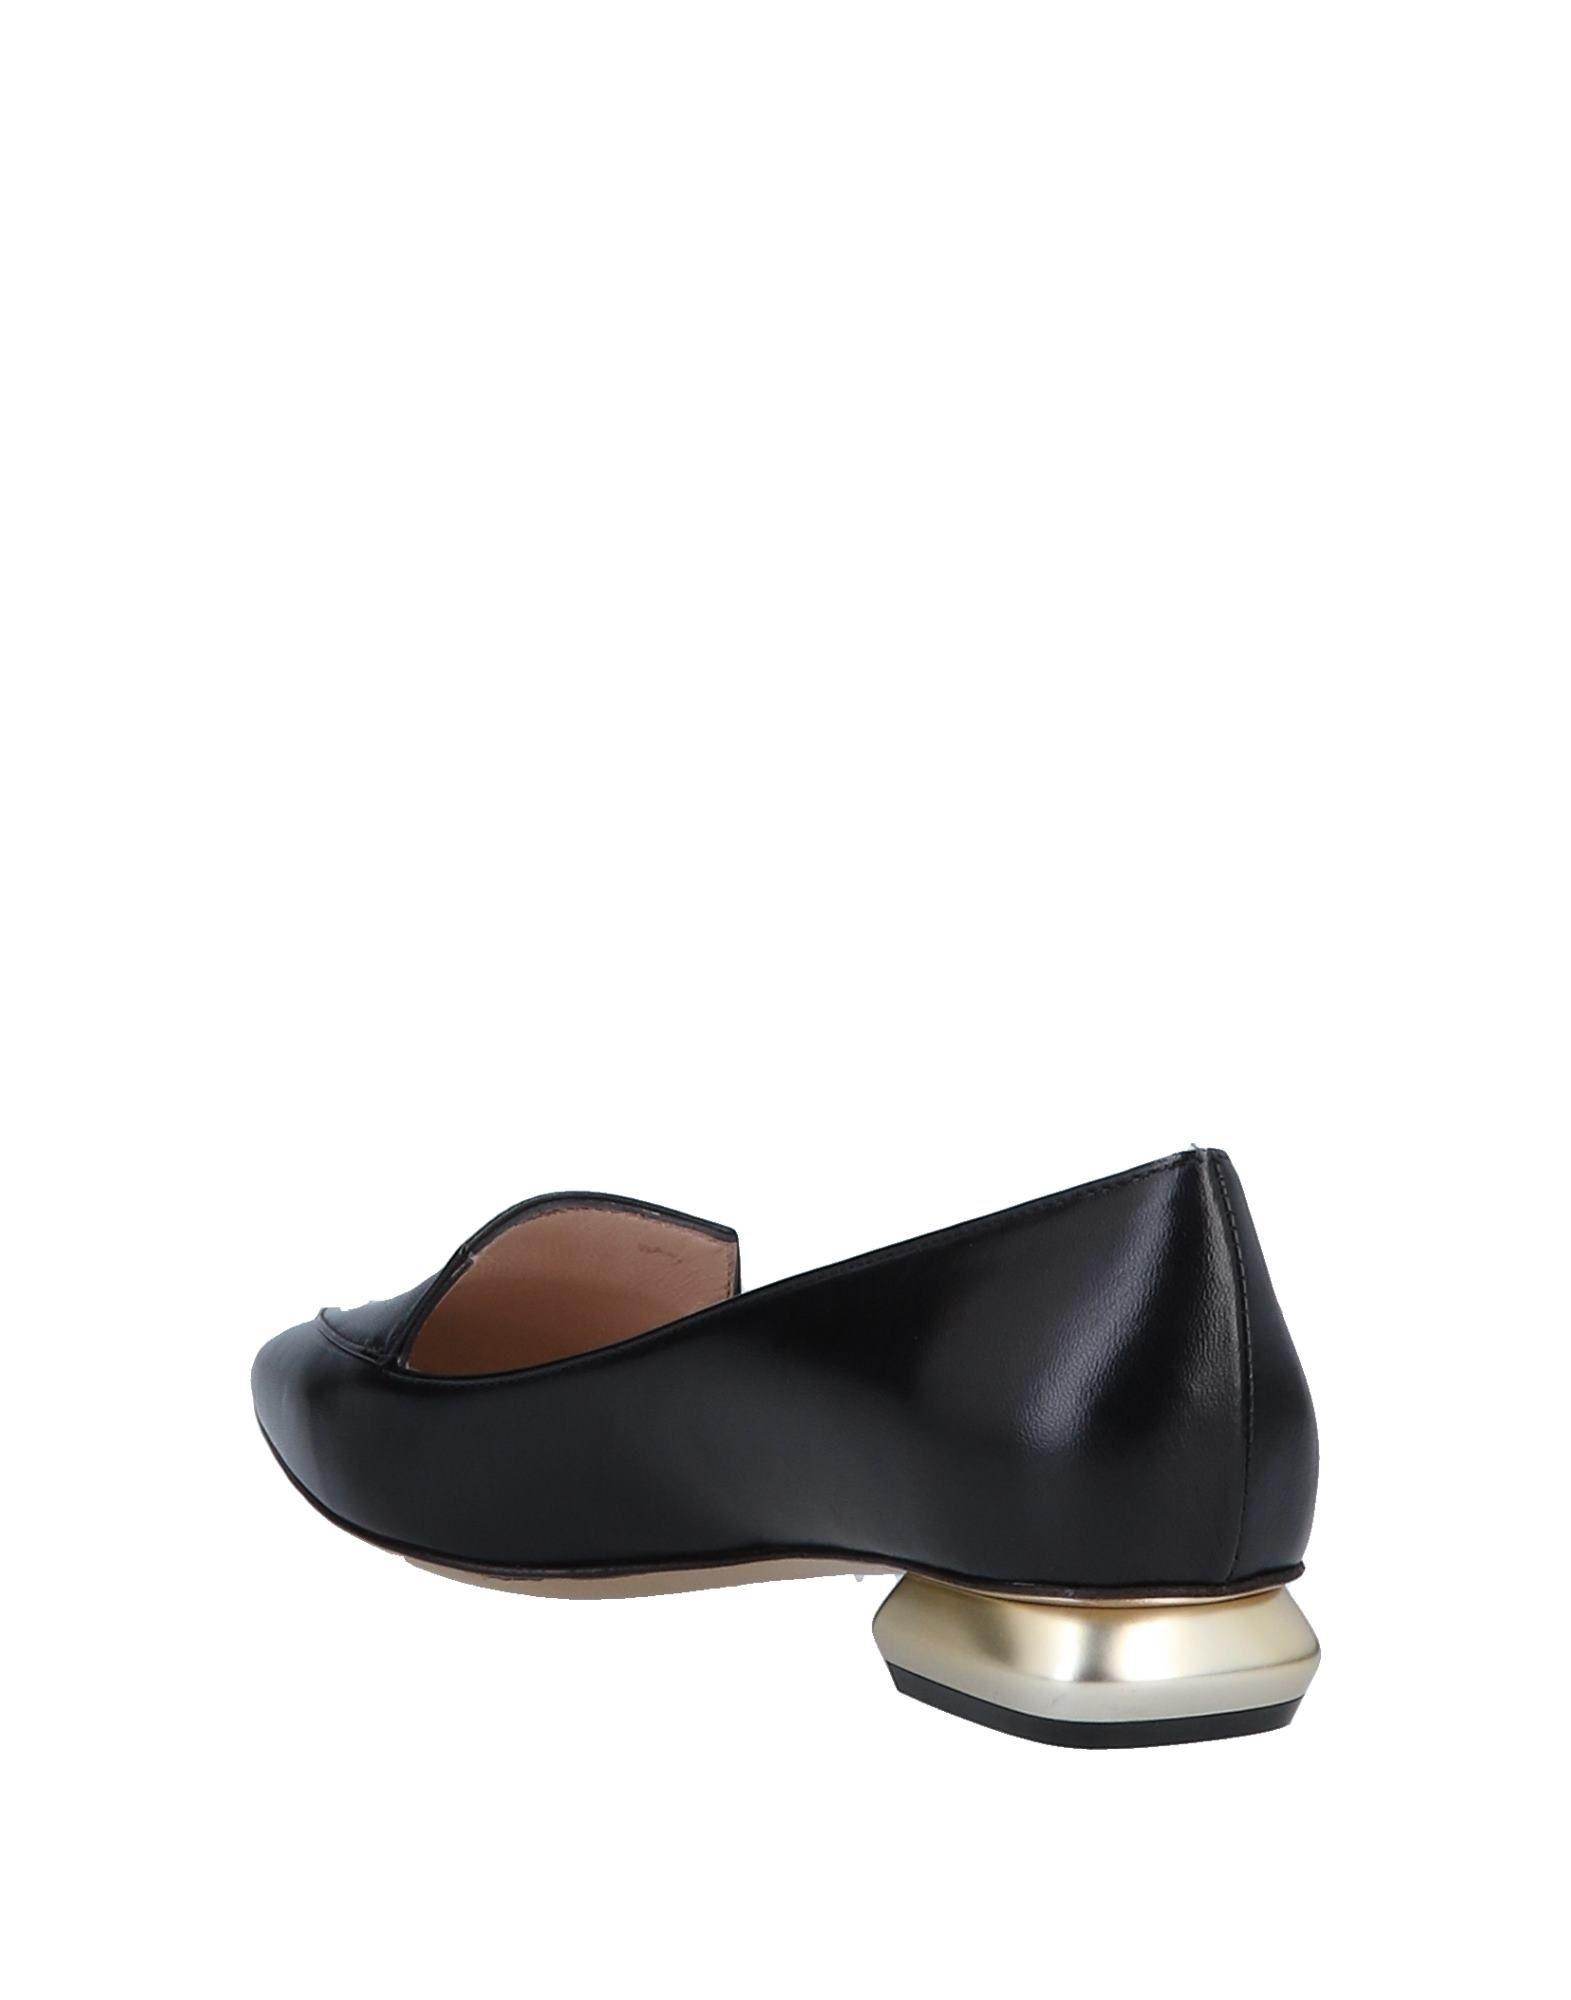 Stilvolle billige  Schuhe Estelle Mokassins Damen  billige 11569419LV 8cca9e